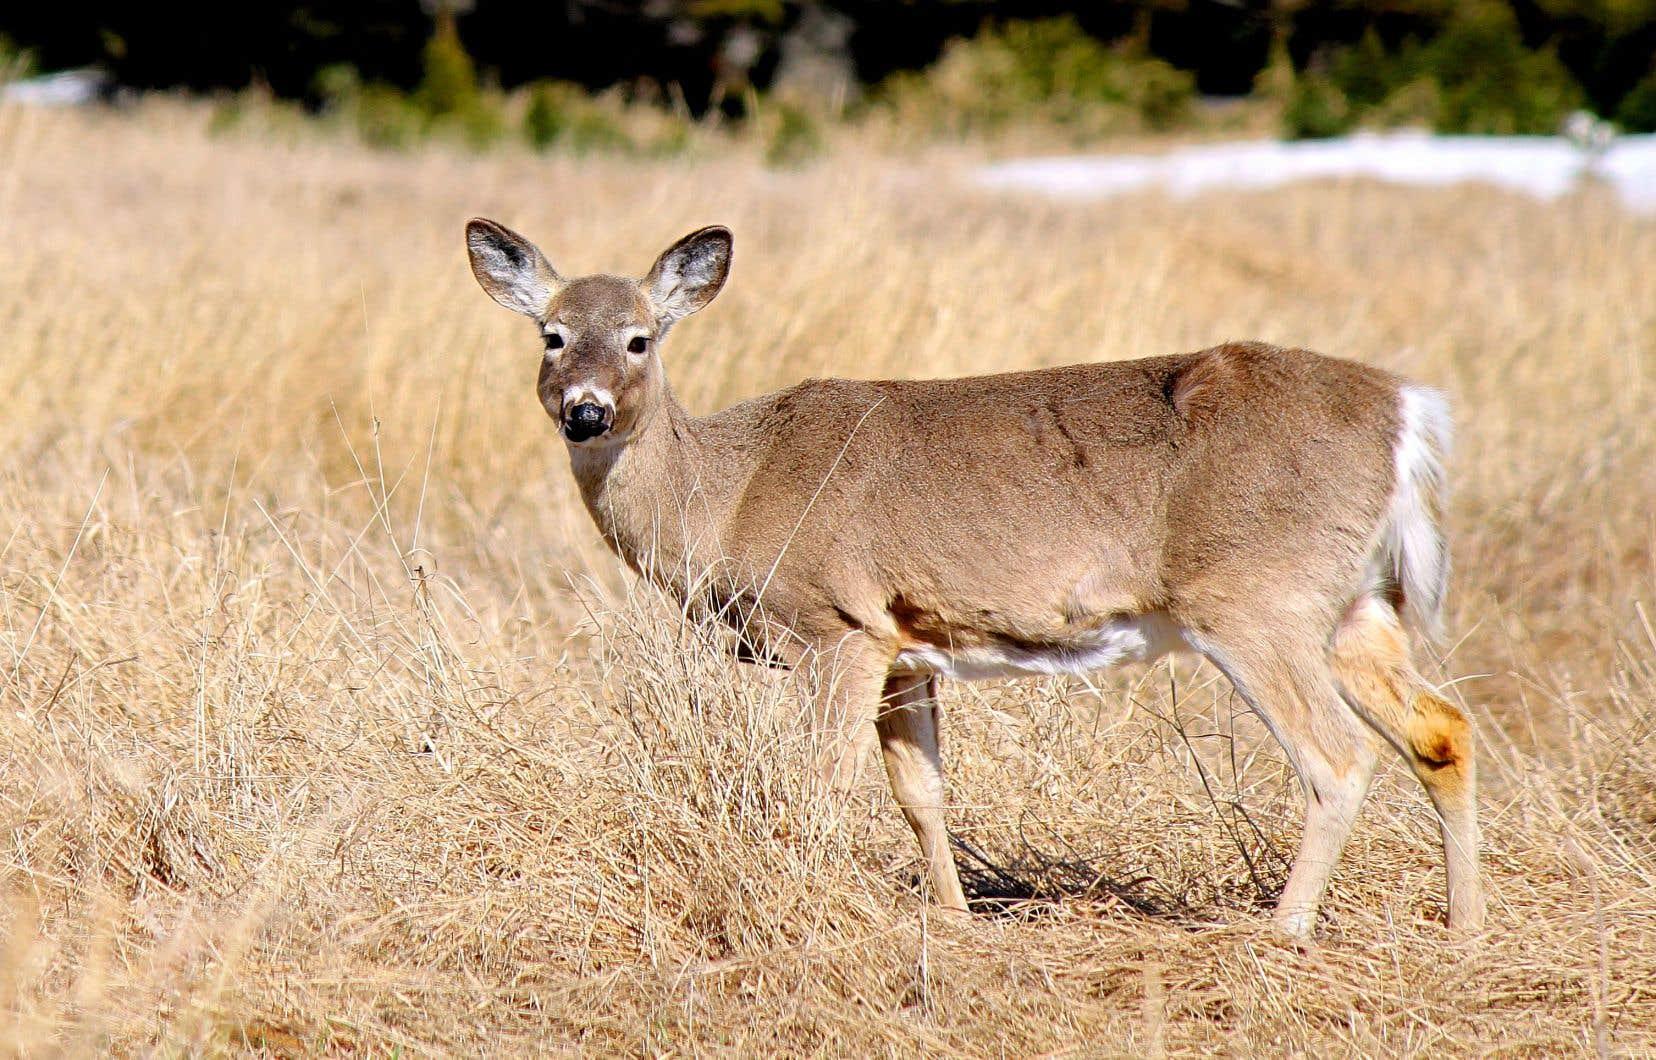 Les cerfs ont été introduits sur l'île à la fin du XIXesiècle par le propriétaire de l'époque, Henri Menier, et n'y ont pas de prédateurs naturels.